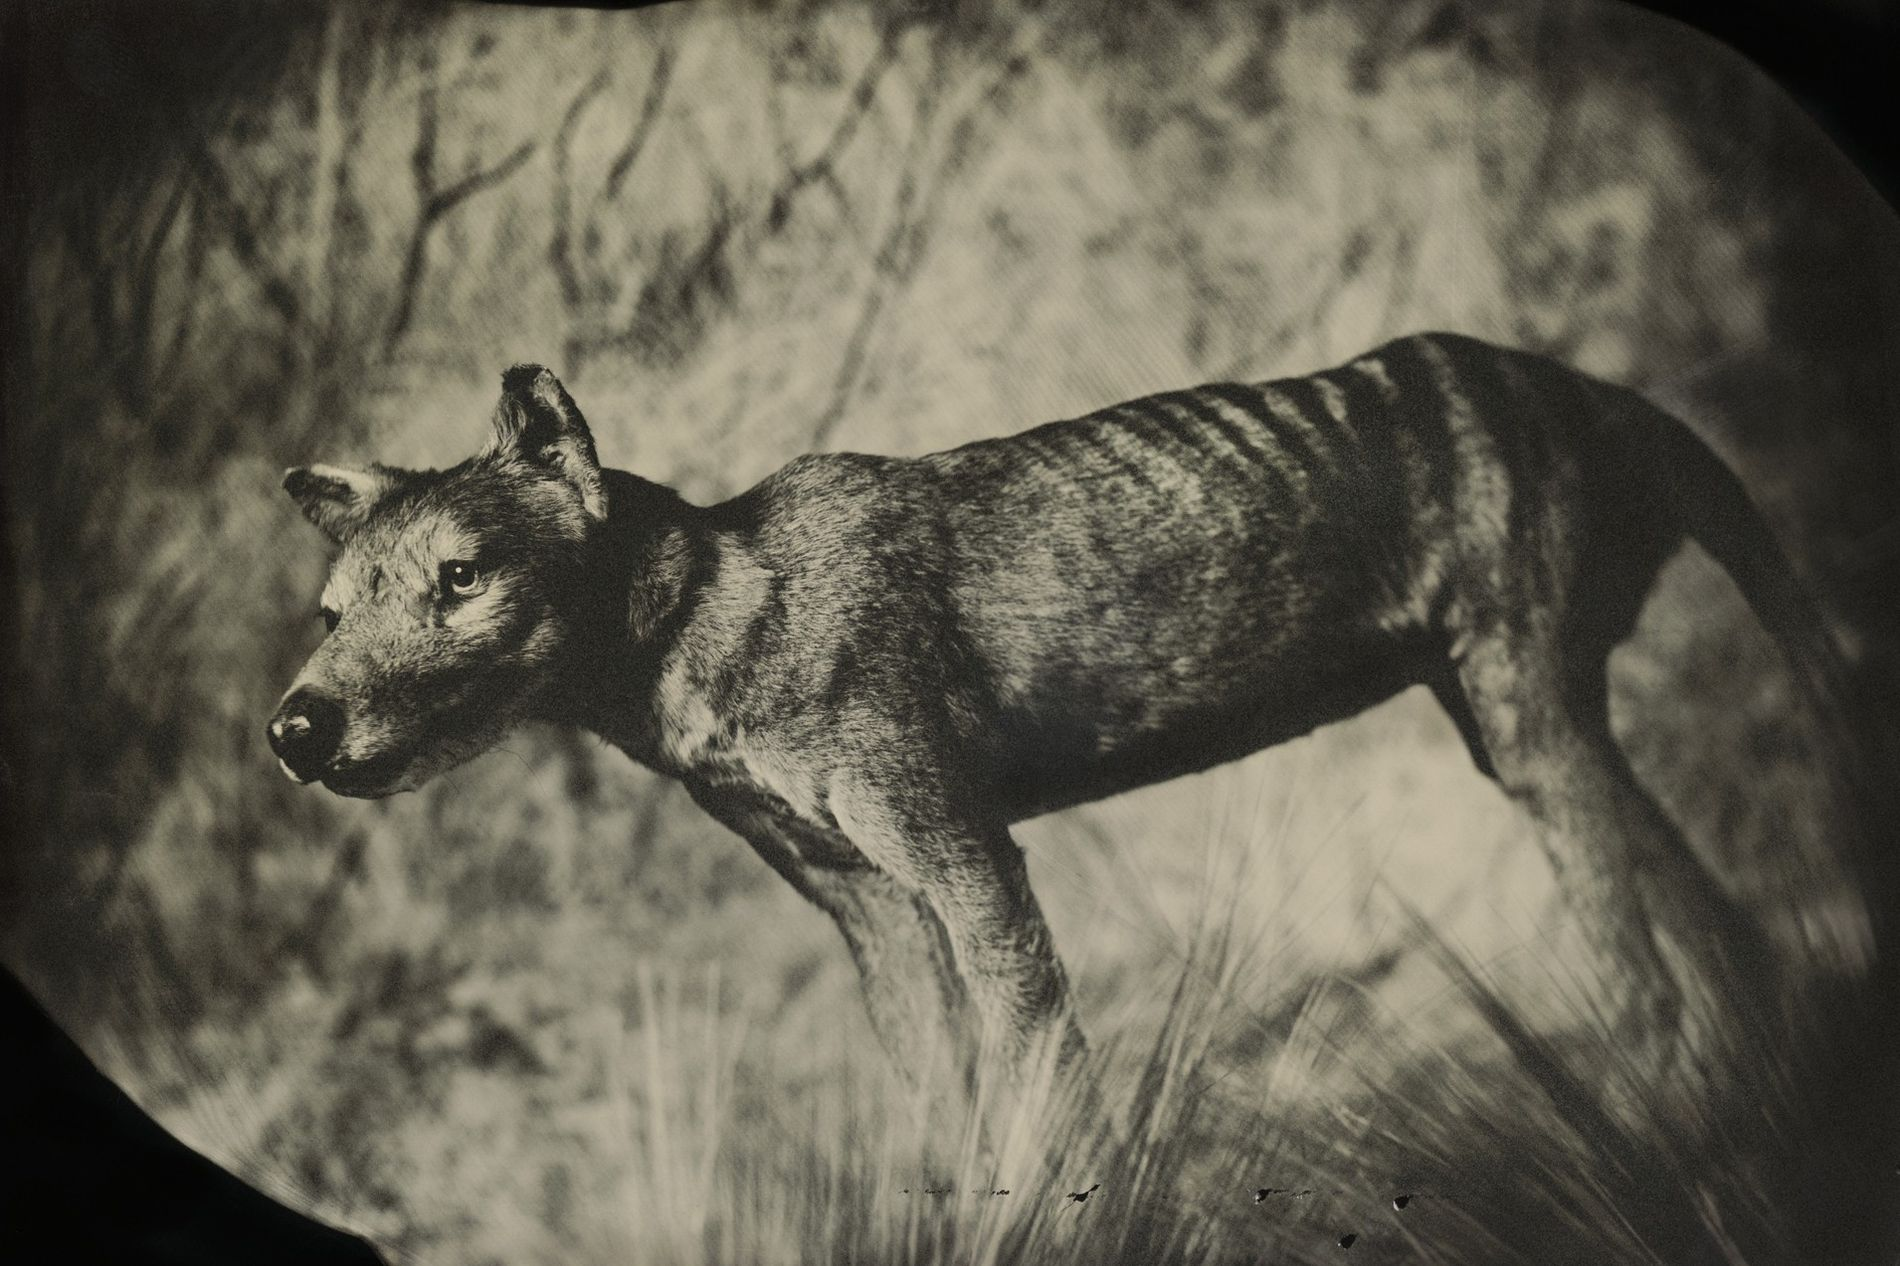 Der Beutelwolf war ein australisches Raubtier. Das letzte bekannte Exemplar starb 1936.